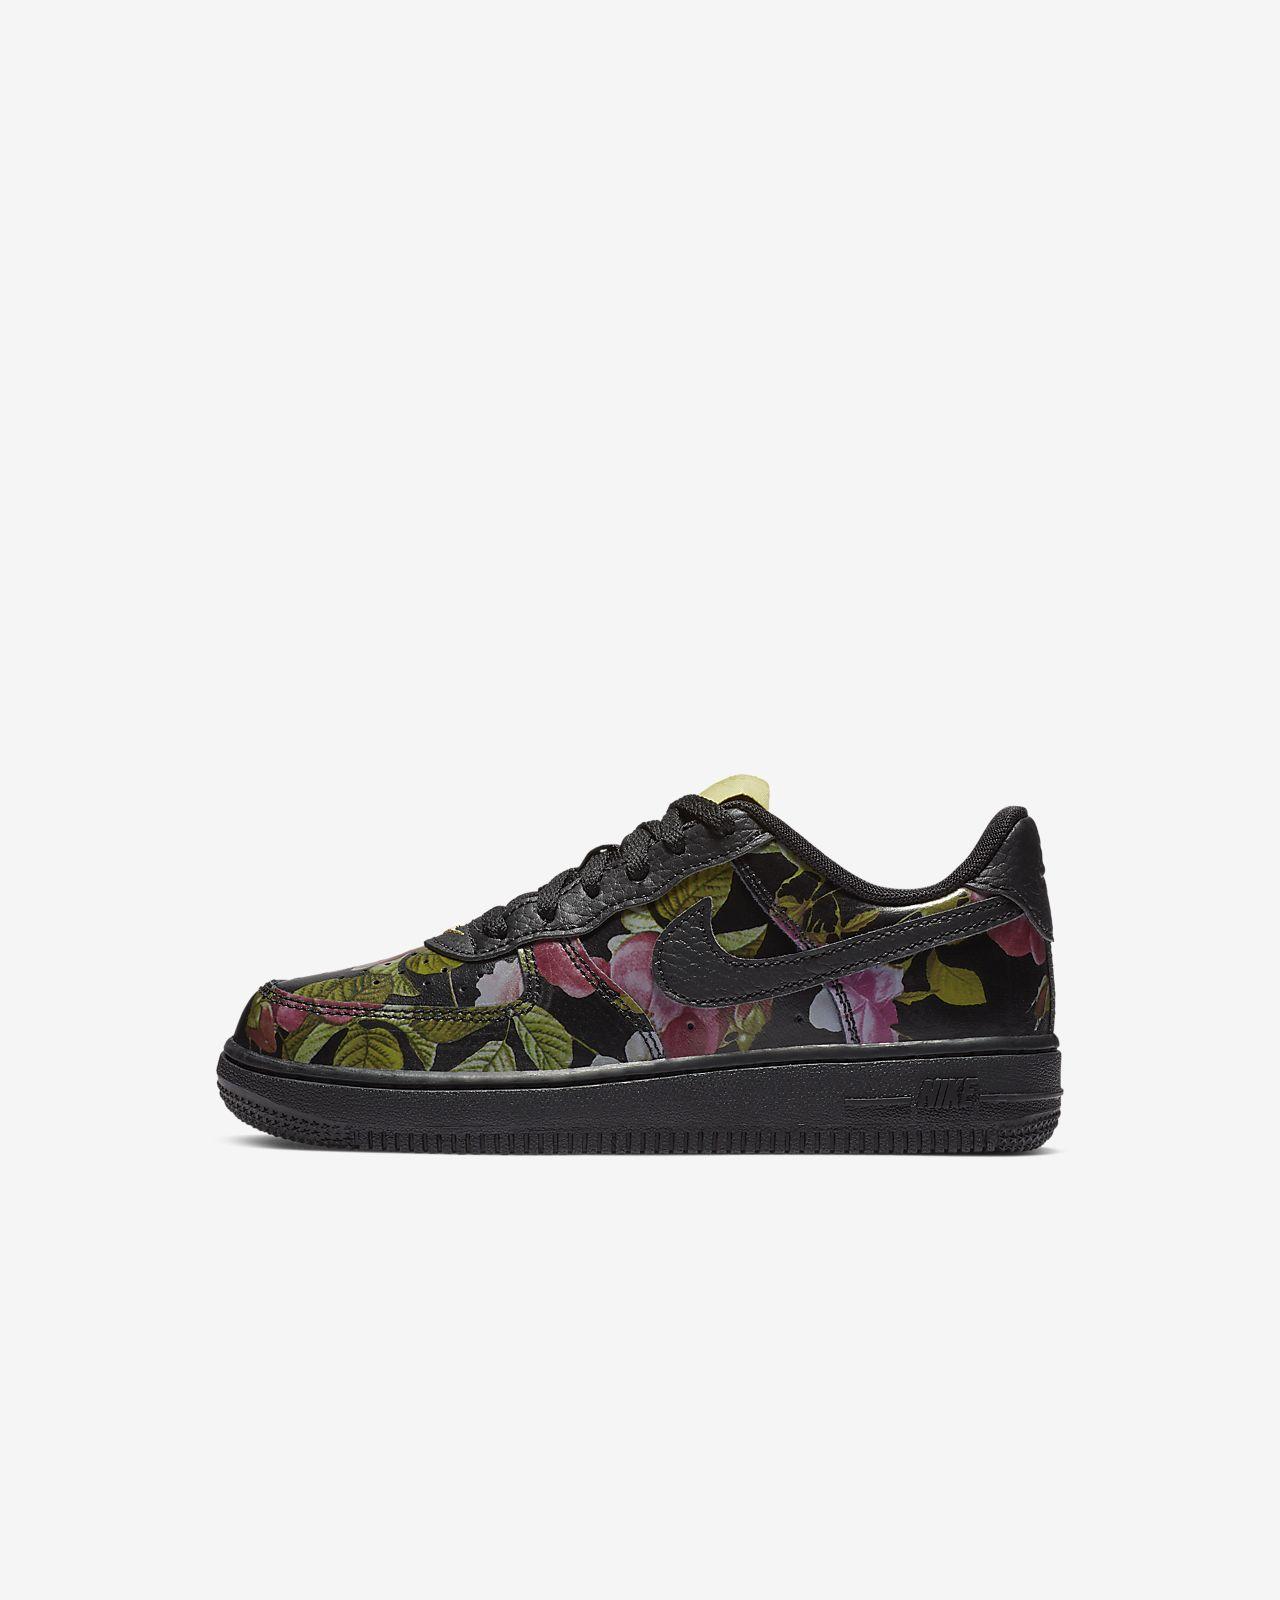 Chaussure à motif floral Nike Force 1 LXX pour Jeune enfant